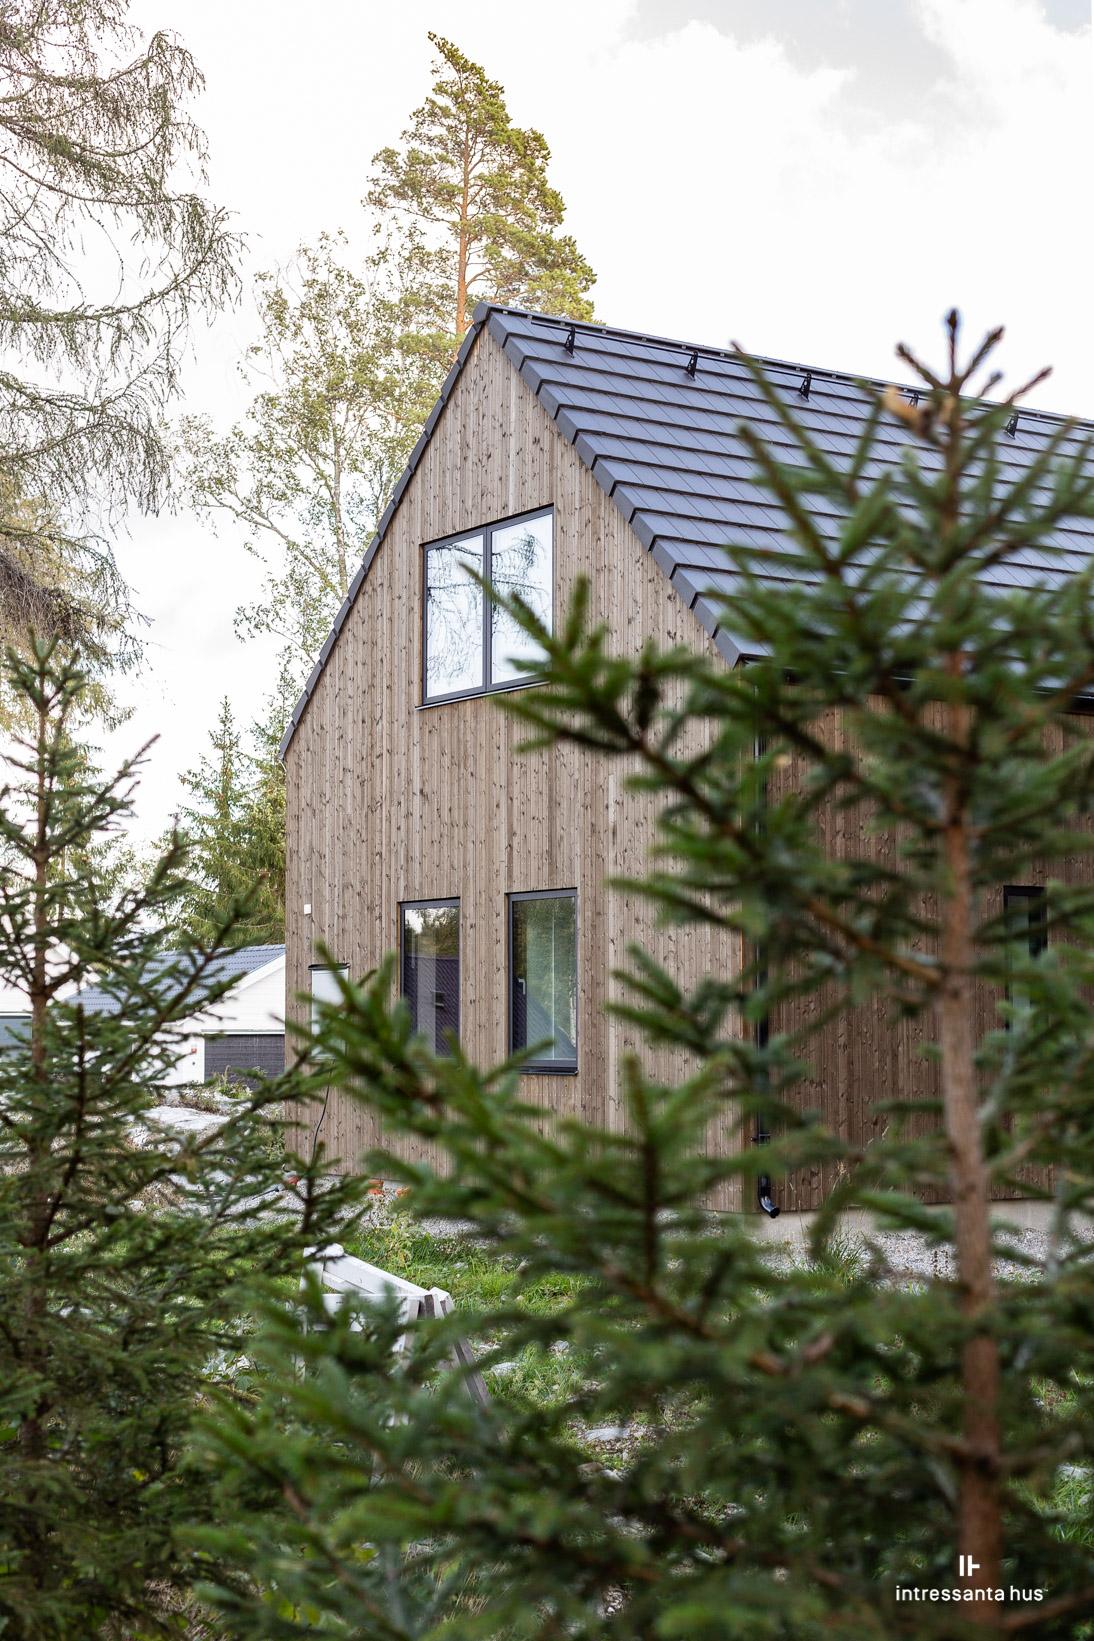 intressantahus-ringqvist-005-2